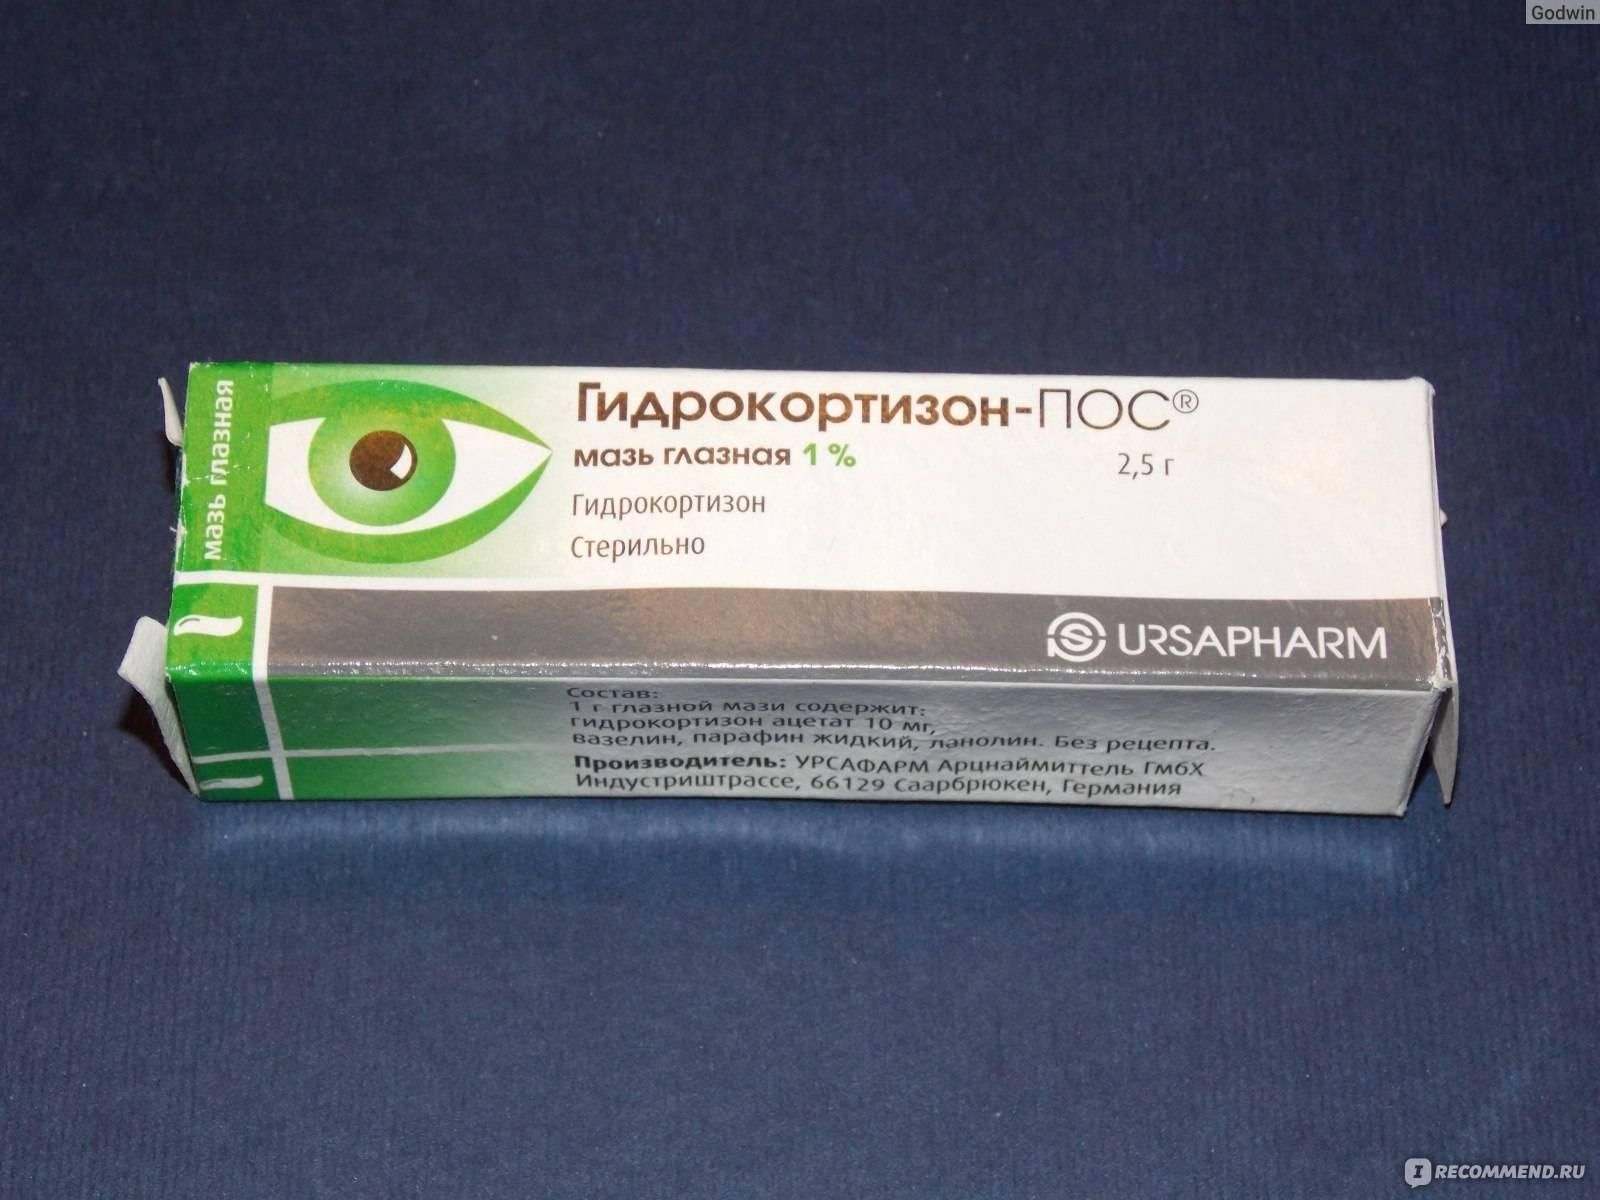 гидрокортизон мазь для глаз инструкция